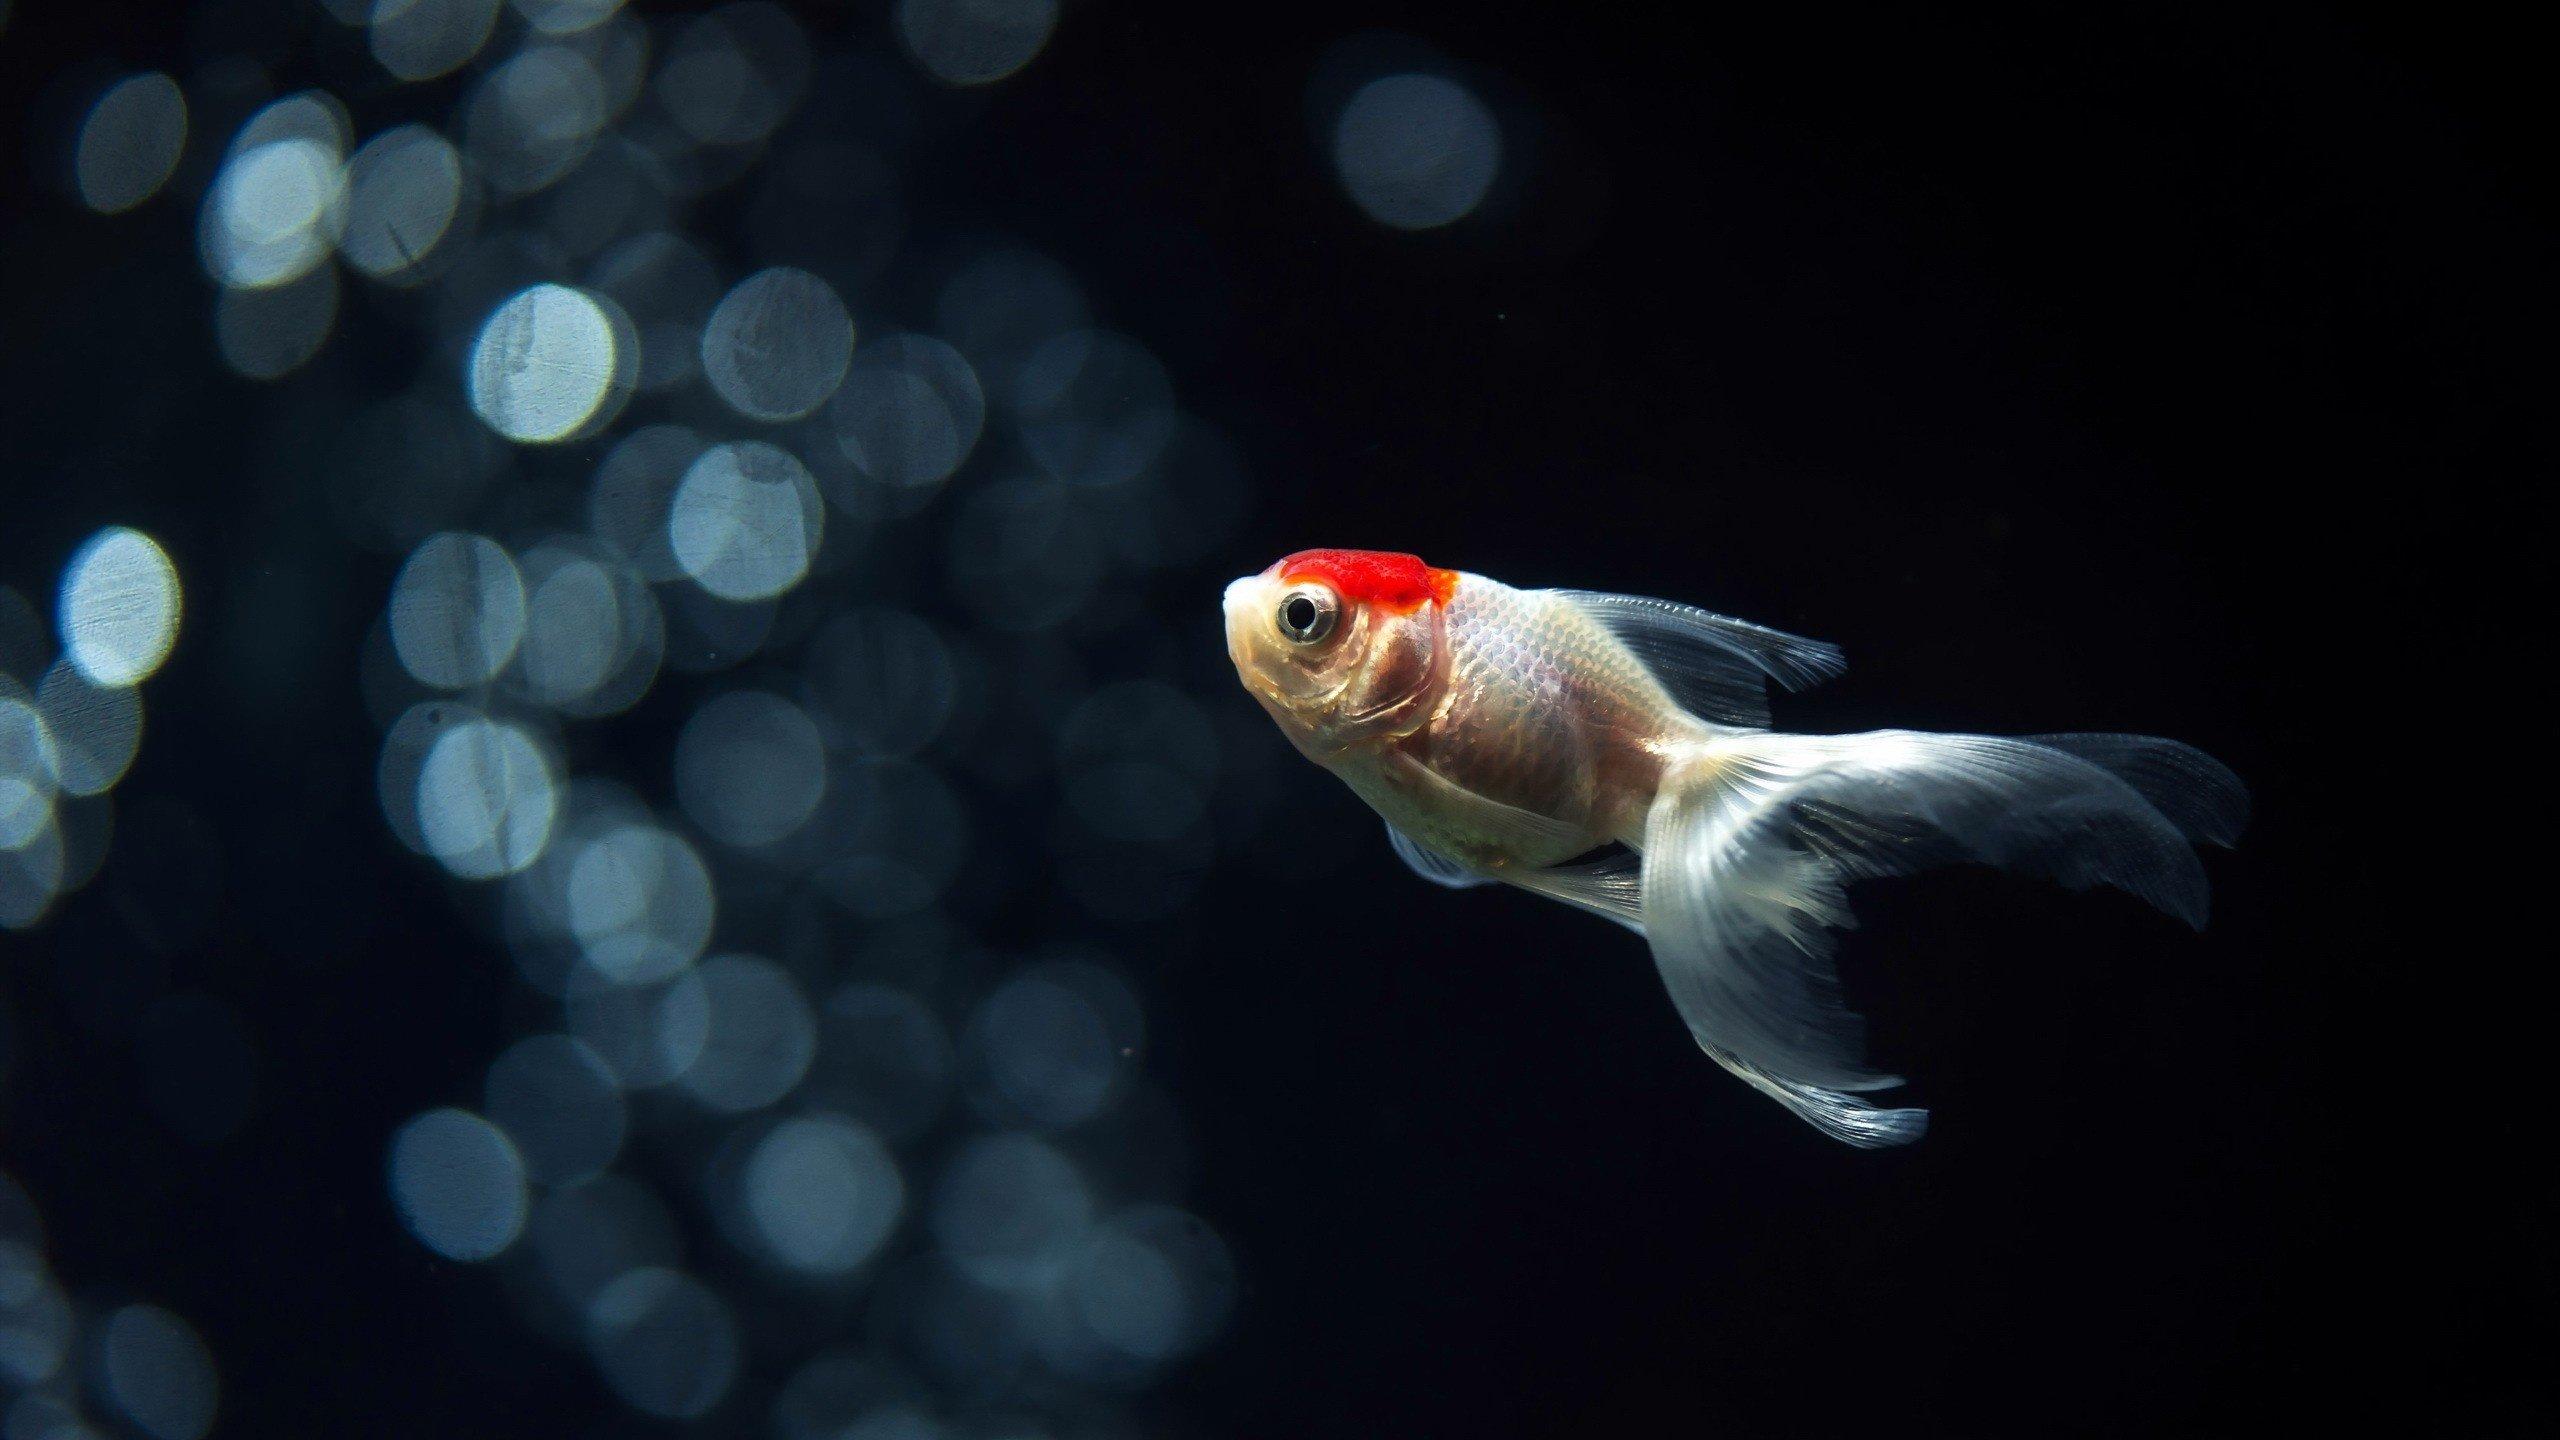 Обои Аквариум, рыбка. Животные foto 19